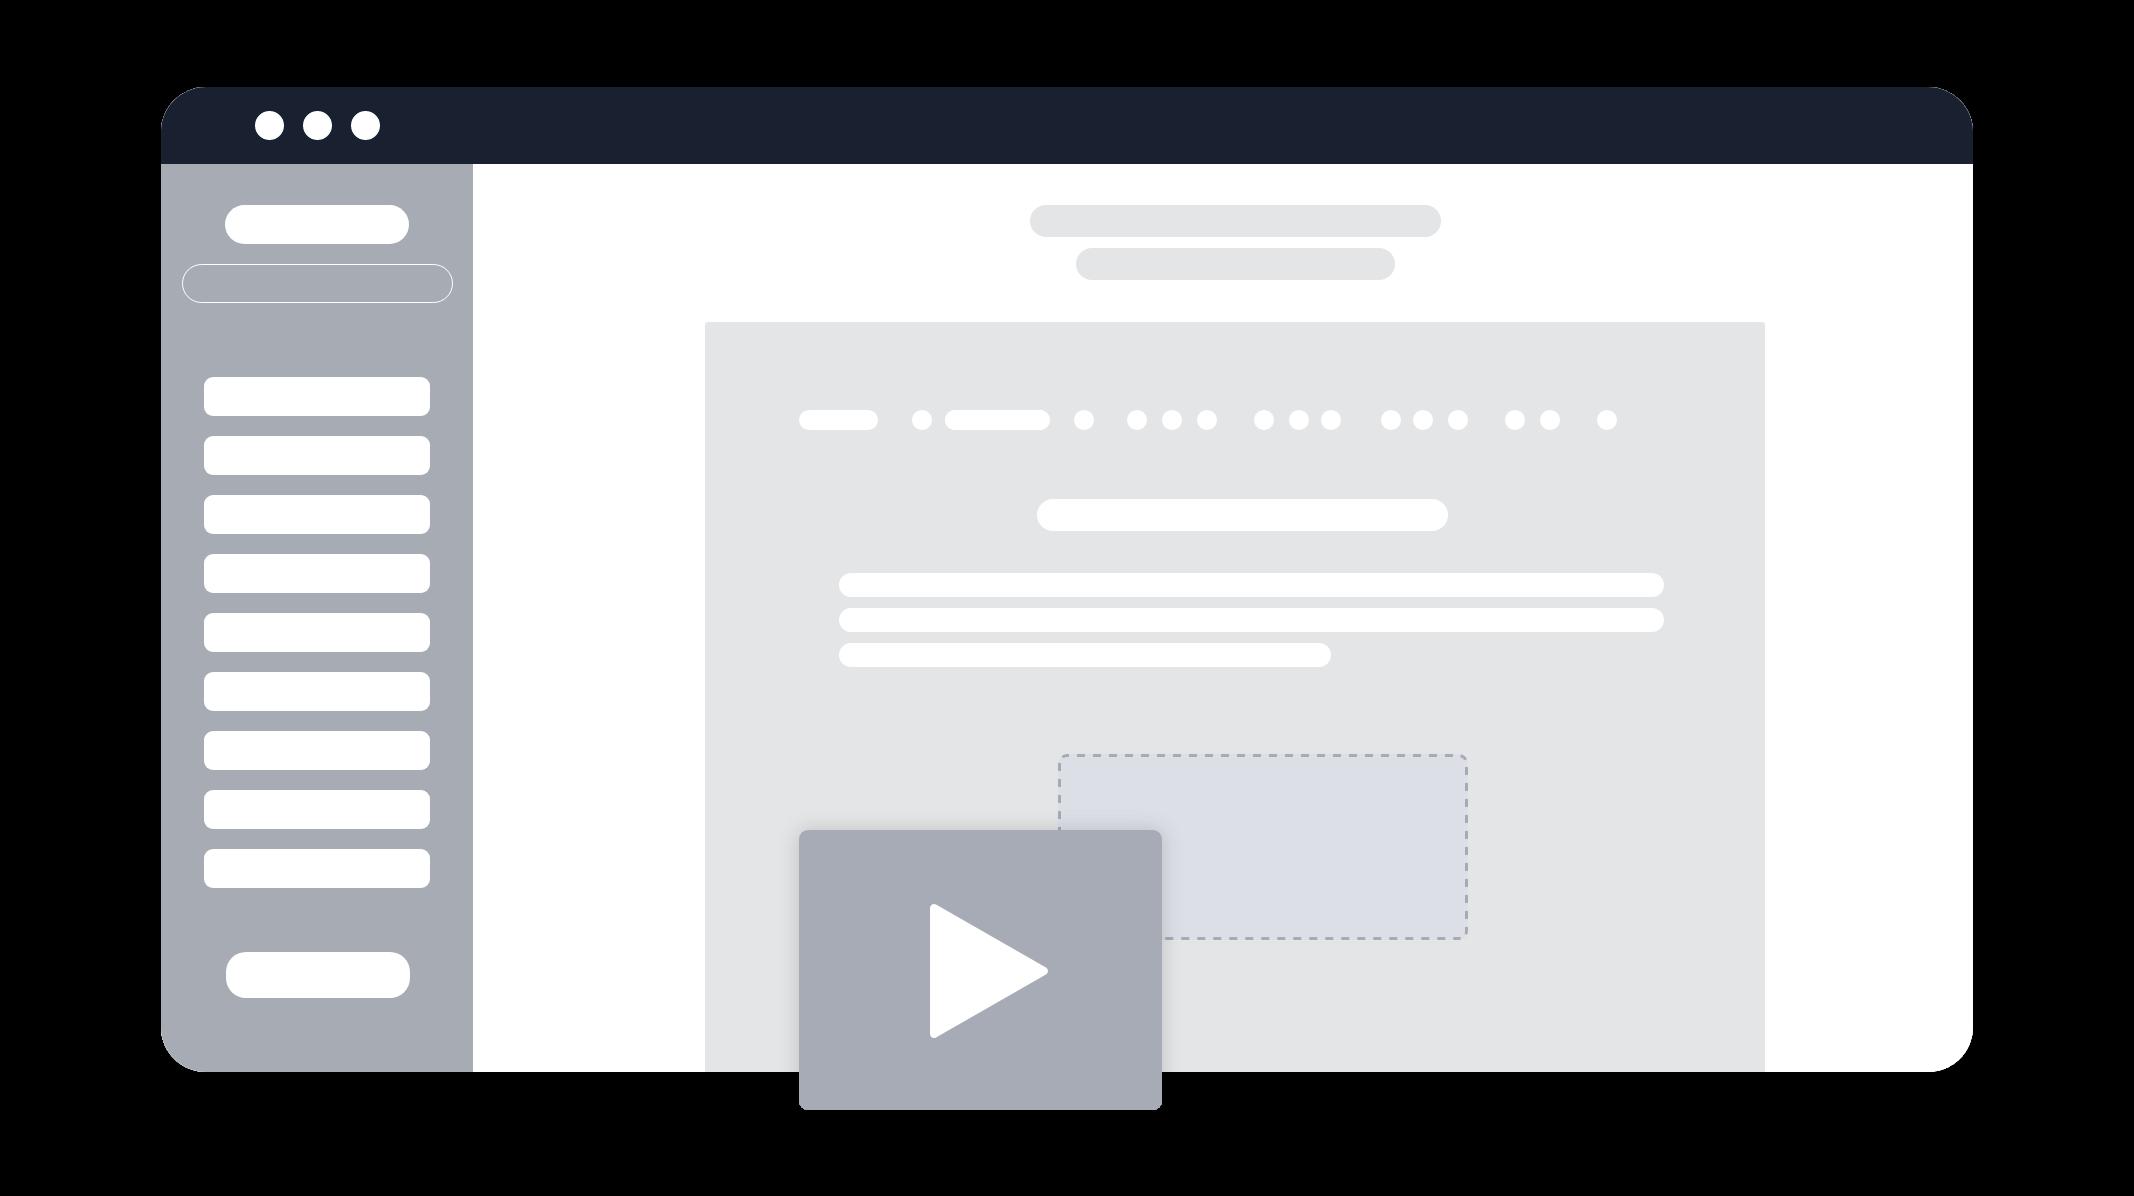 Unser Content Editor minimalisiert dargestellt